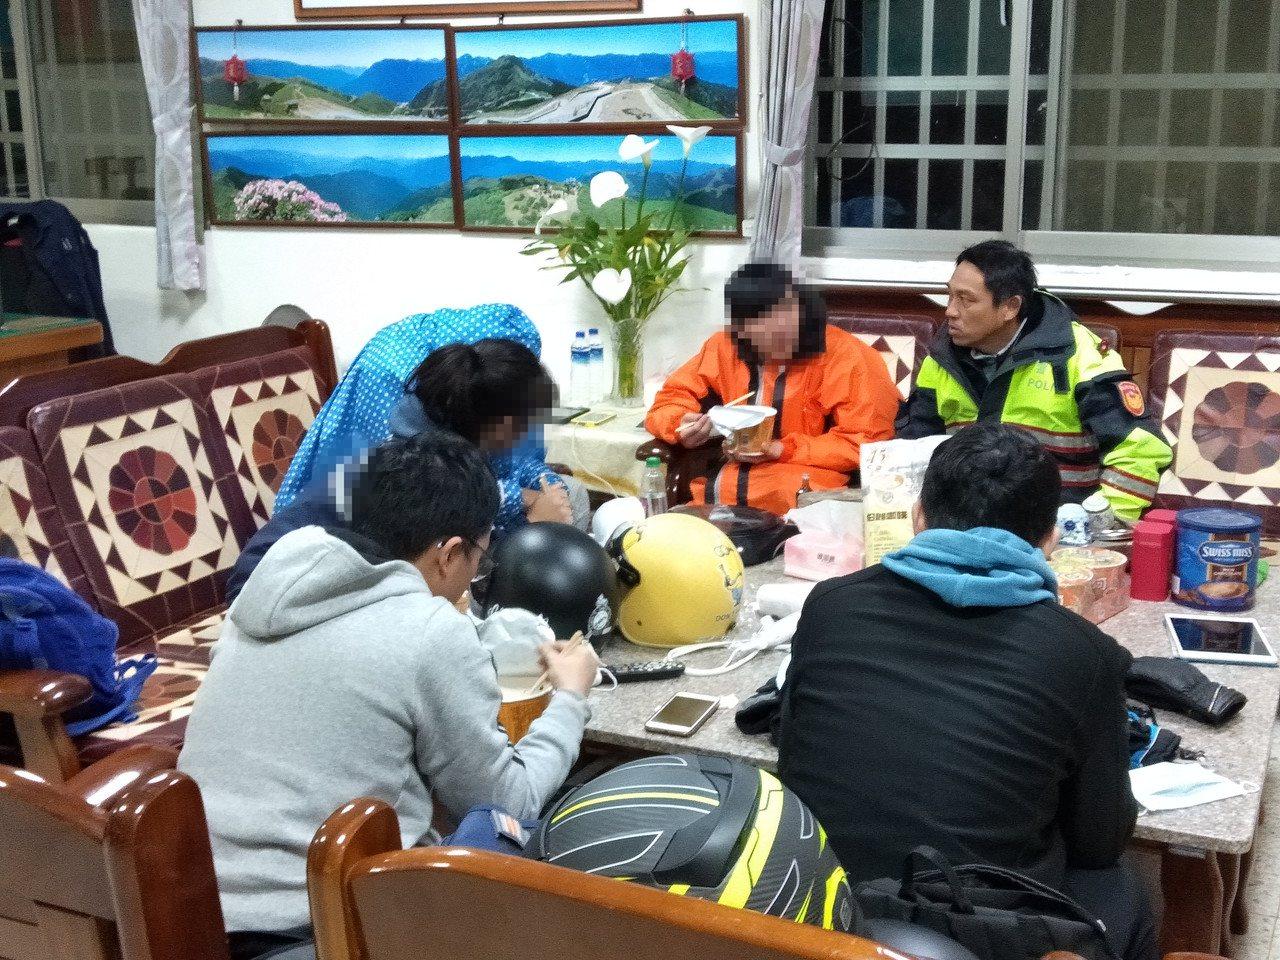 5名大学生防寒装备不足,警方赶紧冲泡姜茶咖啡帮助身体回暖。图/新城警分局提供